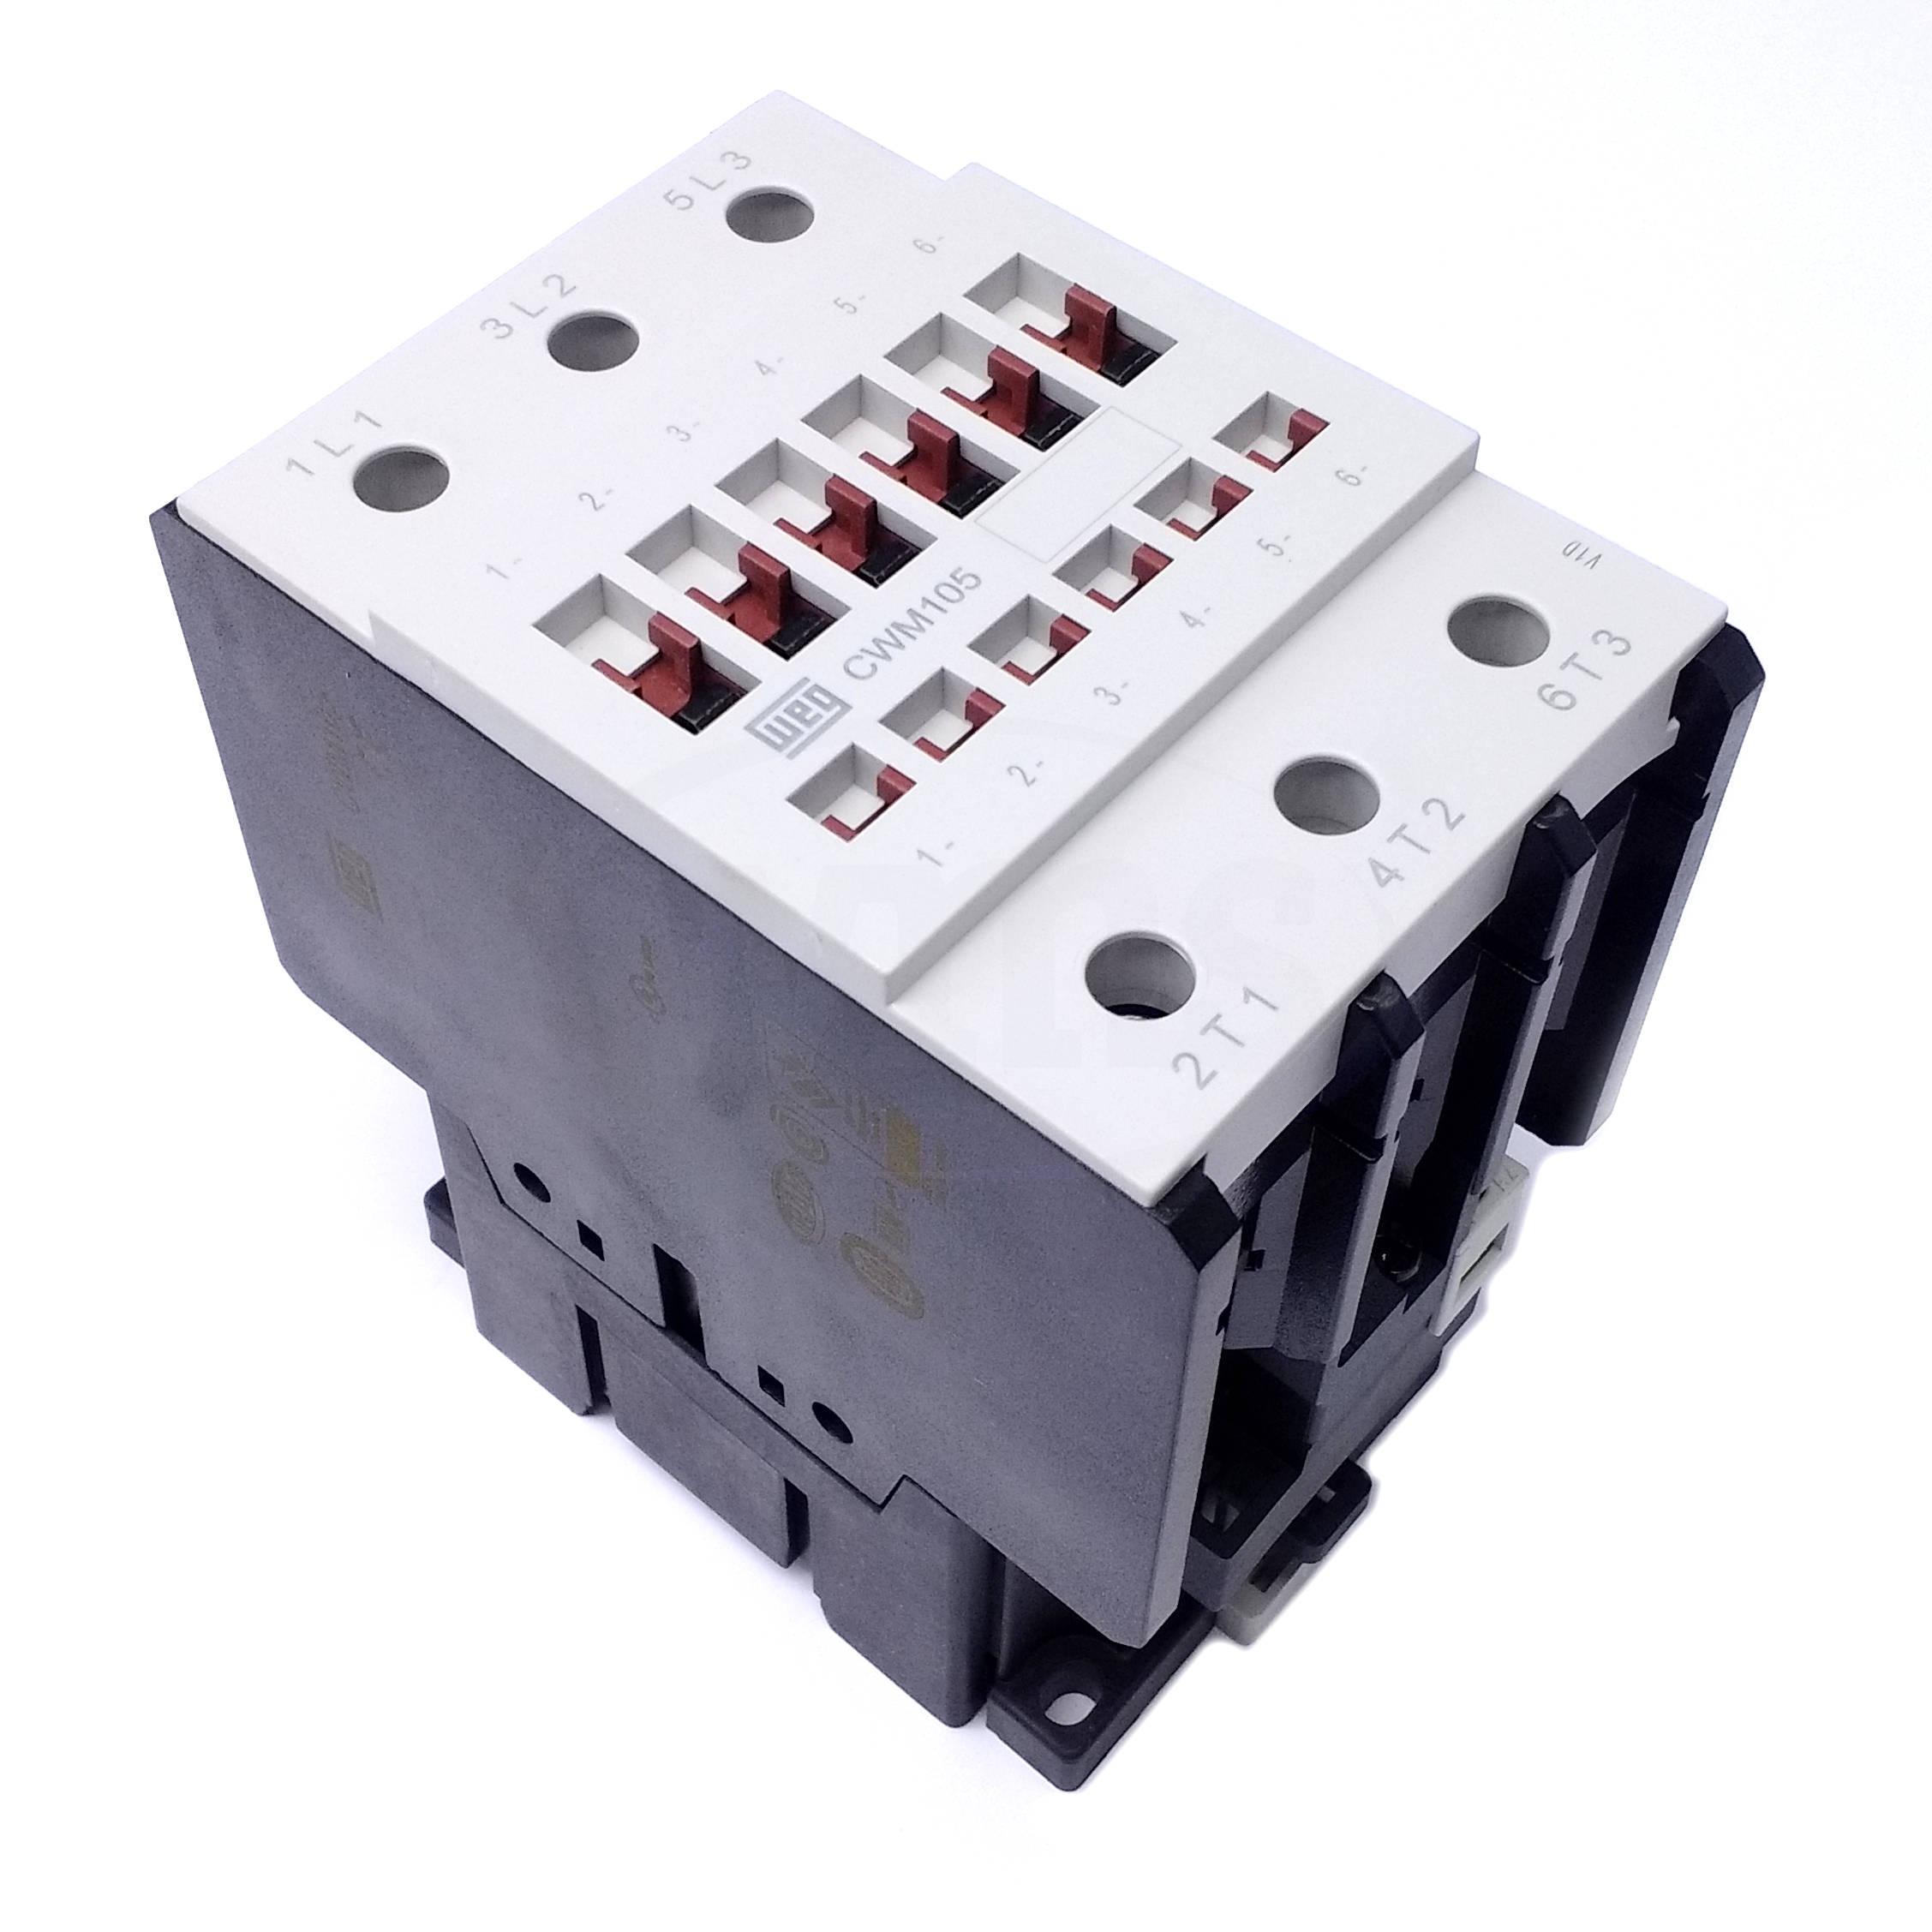 medium resolution of cwm105 00 30c34 weg 3 pole iec standard contactor pvs3 open close stop switch wiring understanding a size 00 contactor wiring